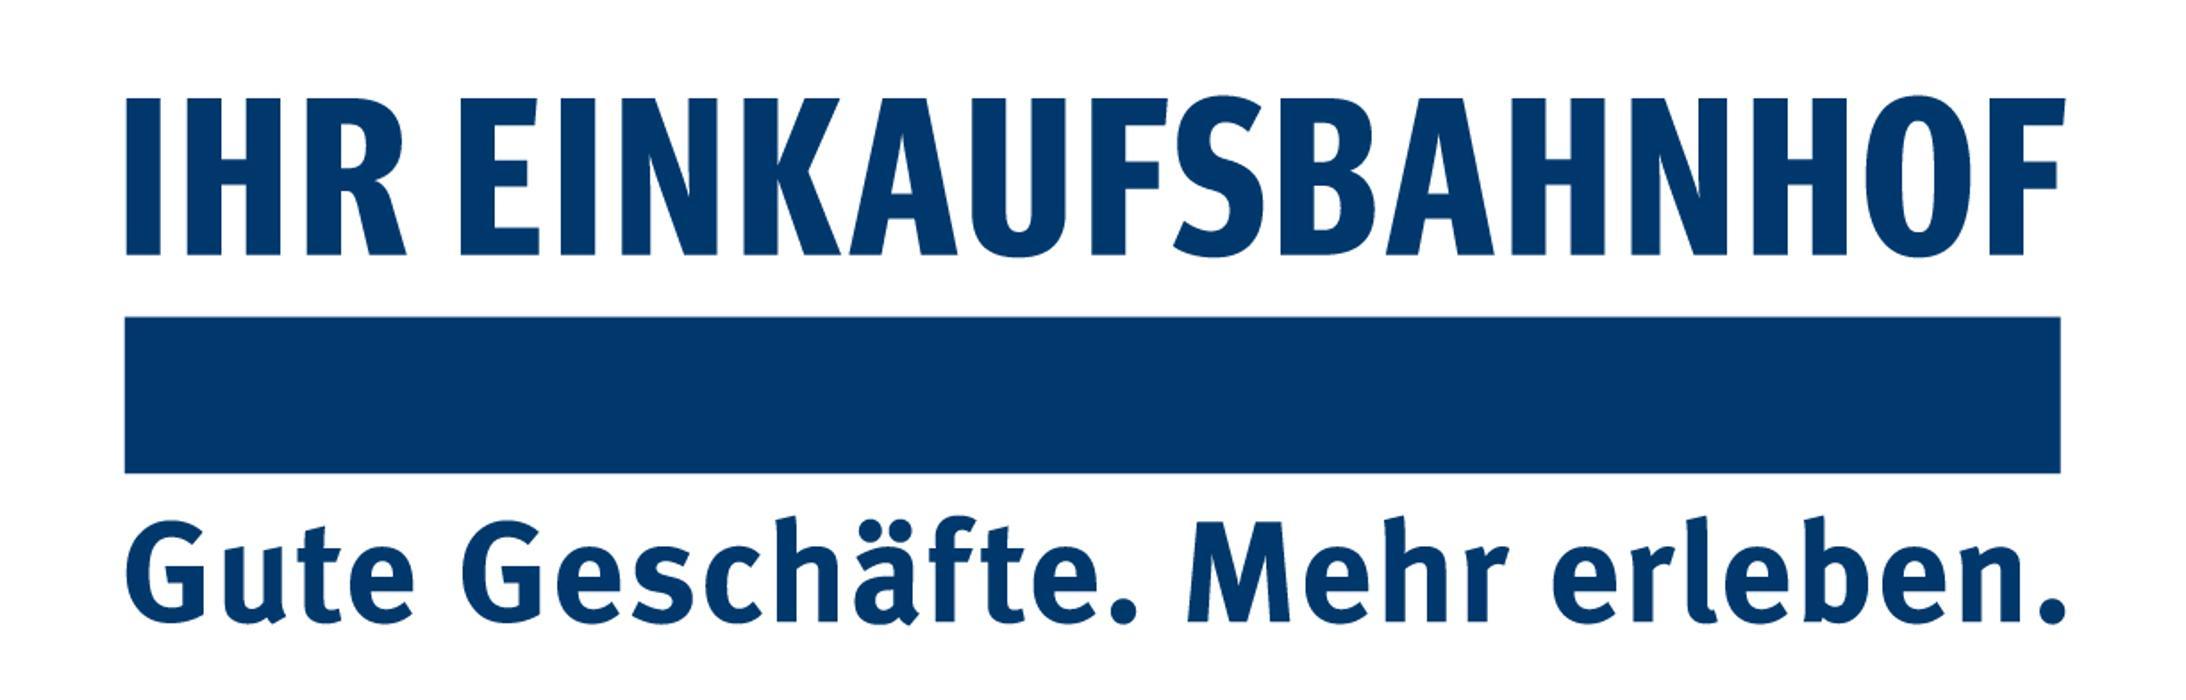 Einkaufsbahnhof München Pasing